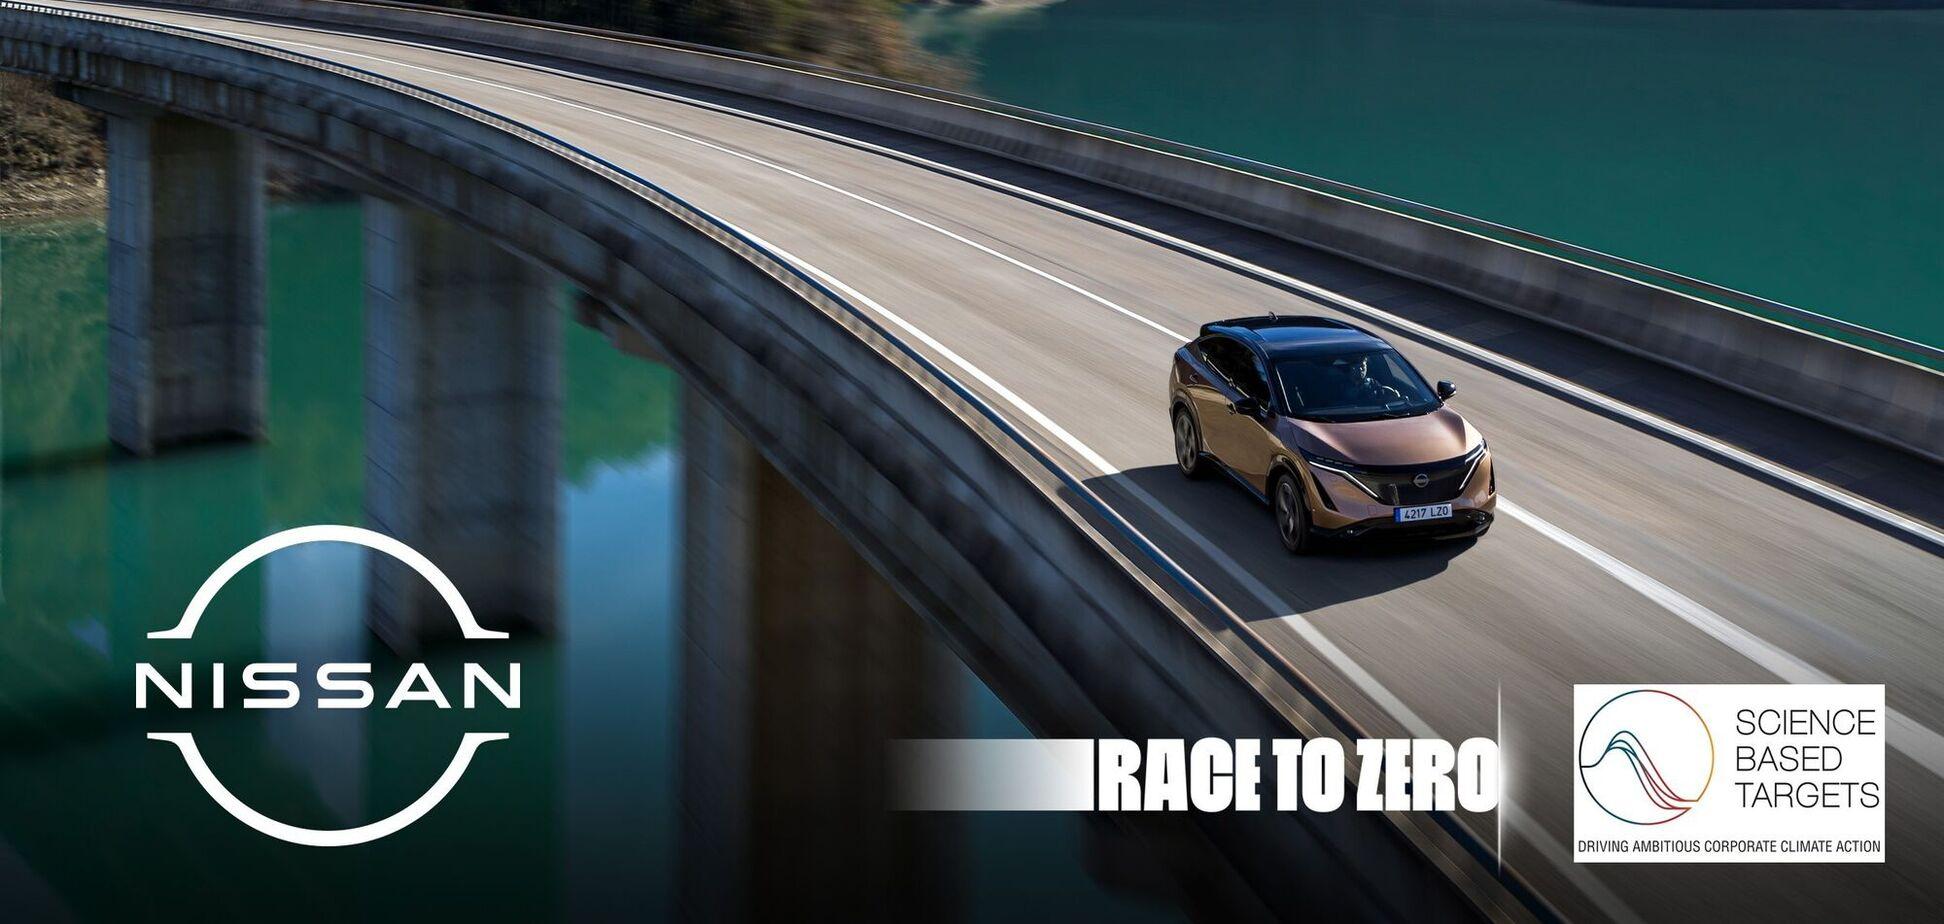 Nissan долучився до кампанії Race to Zero